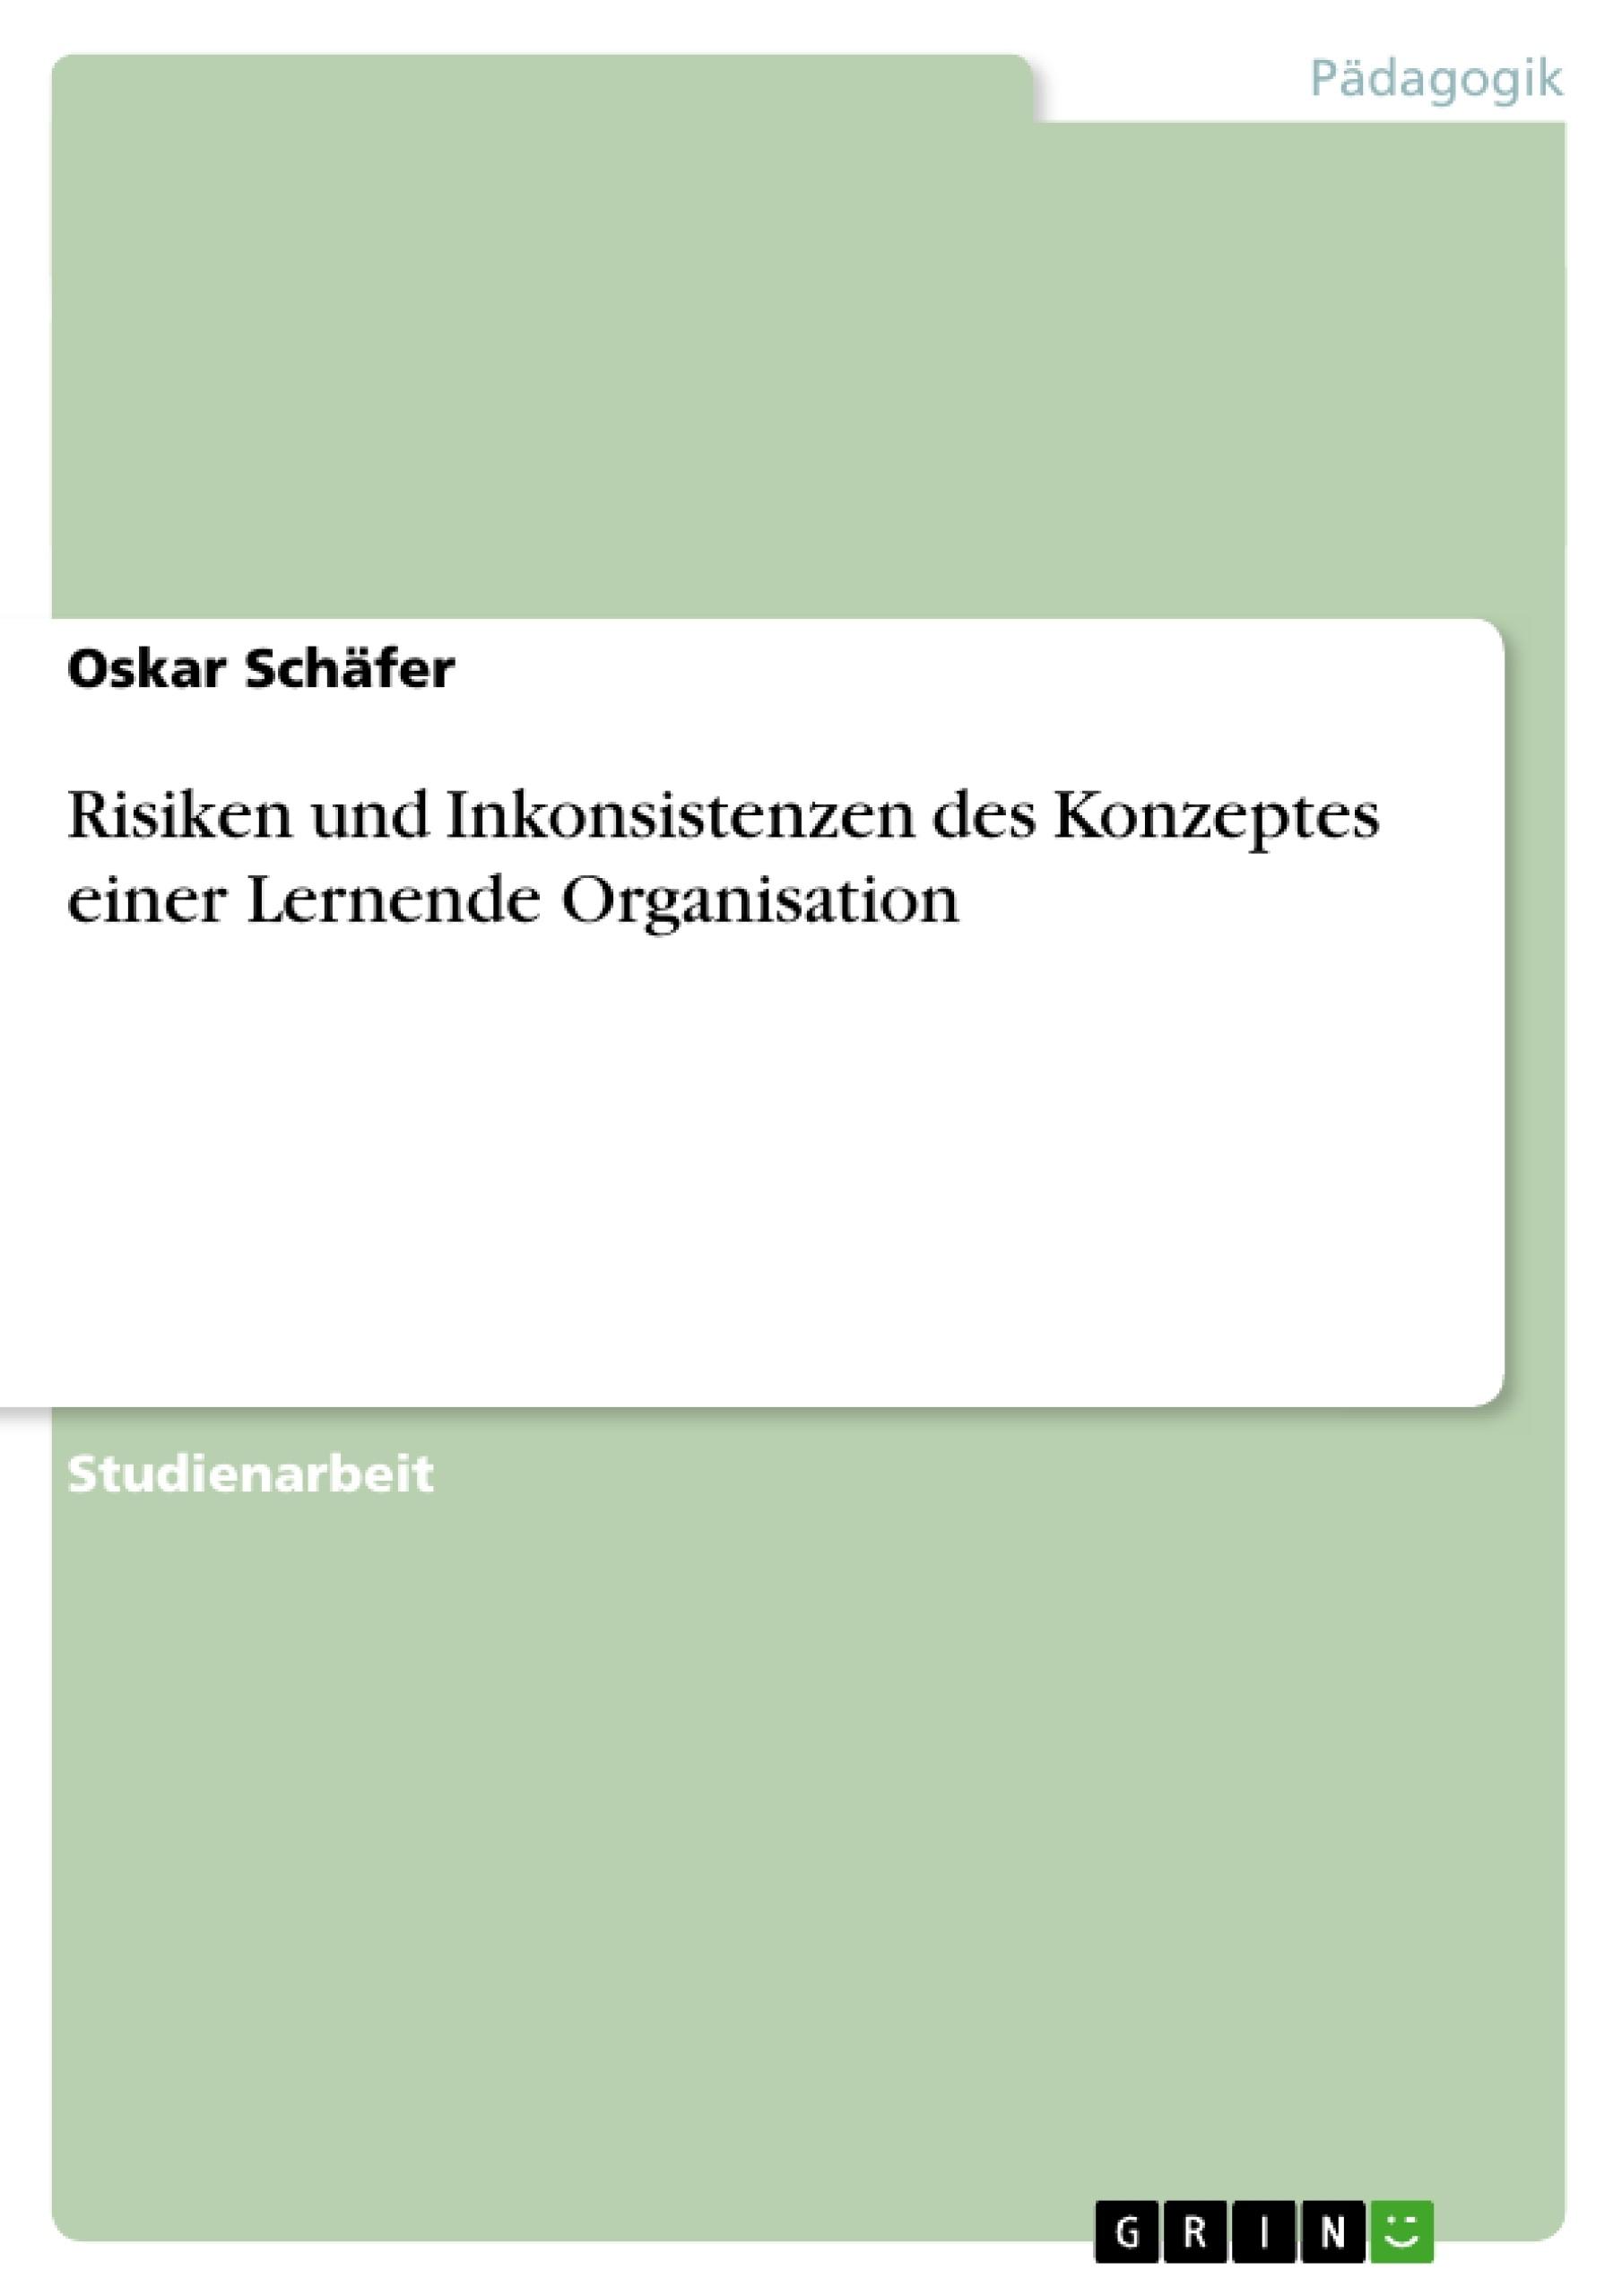 Titel: Risiken und Inkonsistenzen des Konzeptes einer Lernende Organisation